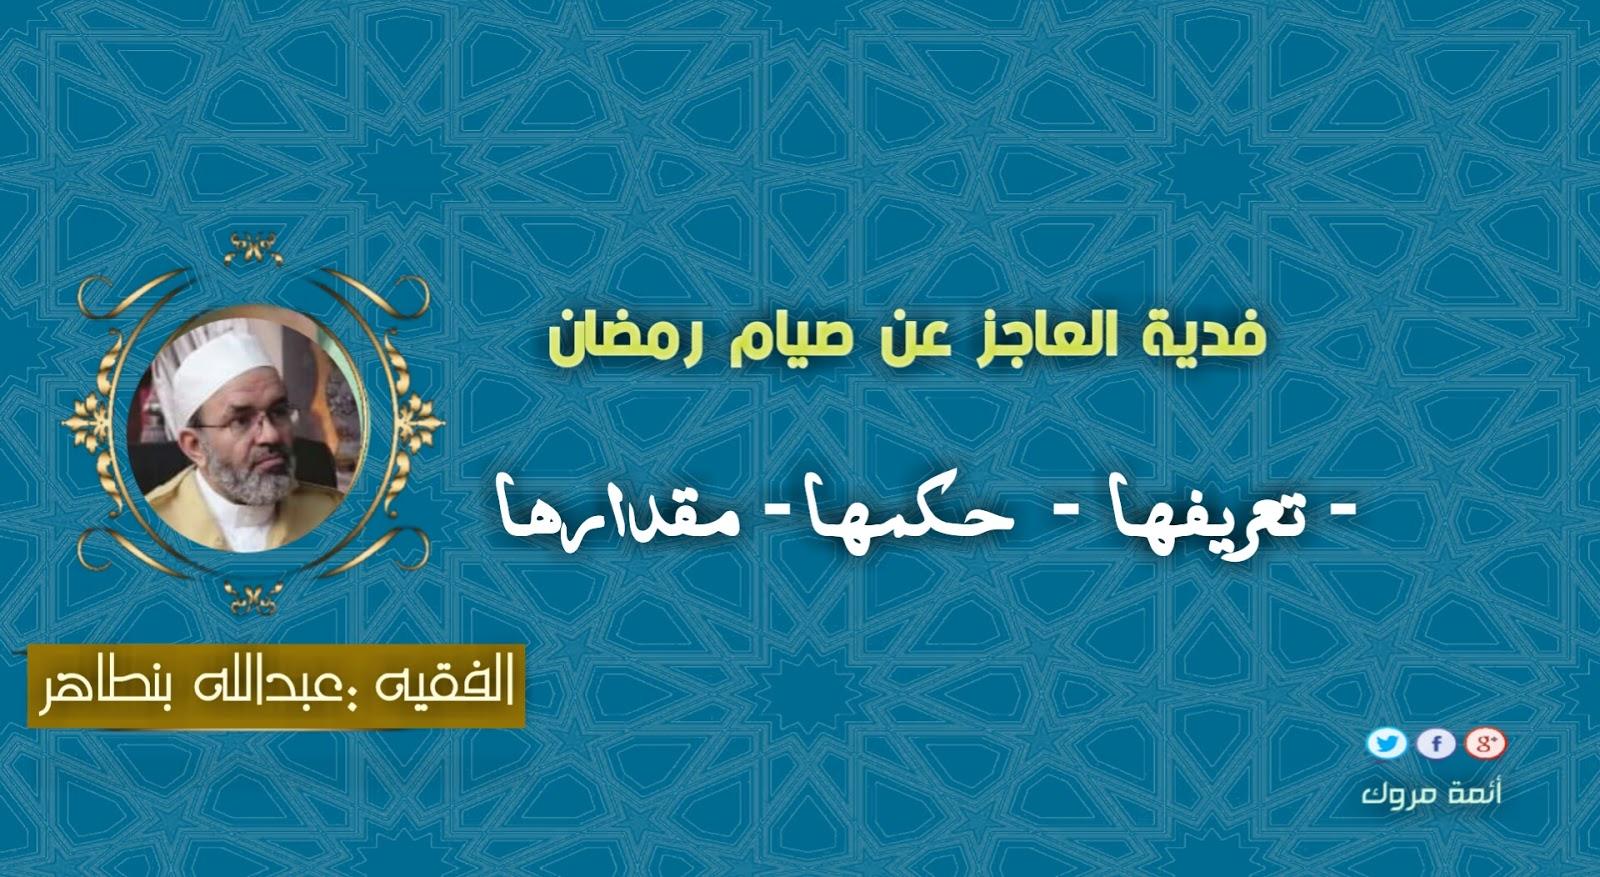 فدية العاجز عن صيام رمضان بين مقتضيات المذهب المالكي ومتطلبات الواقع أئمة مروك